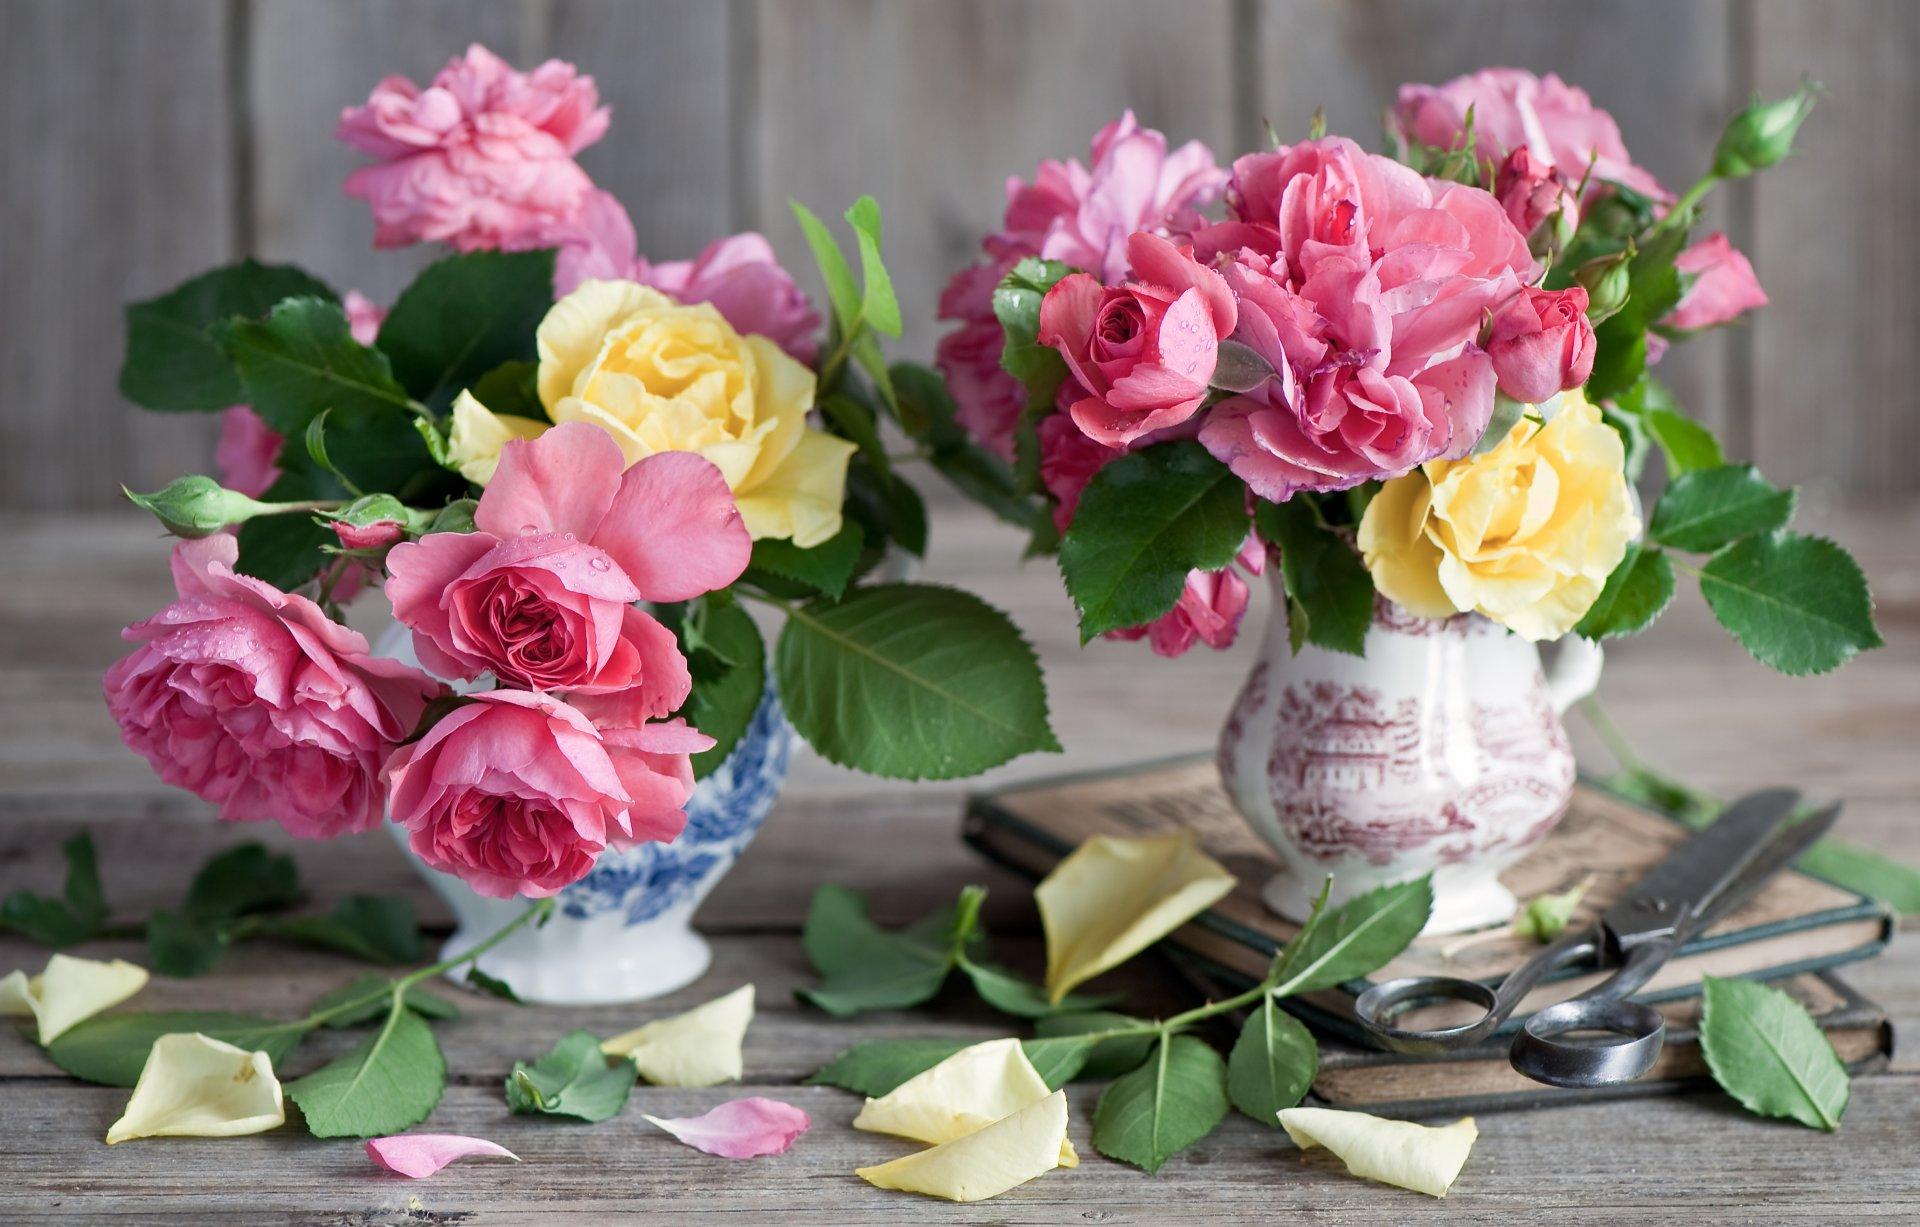 Картинки красивых цветов в вазах